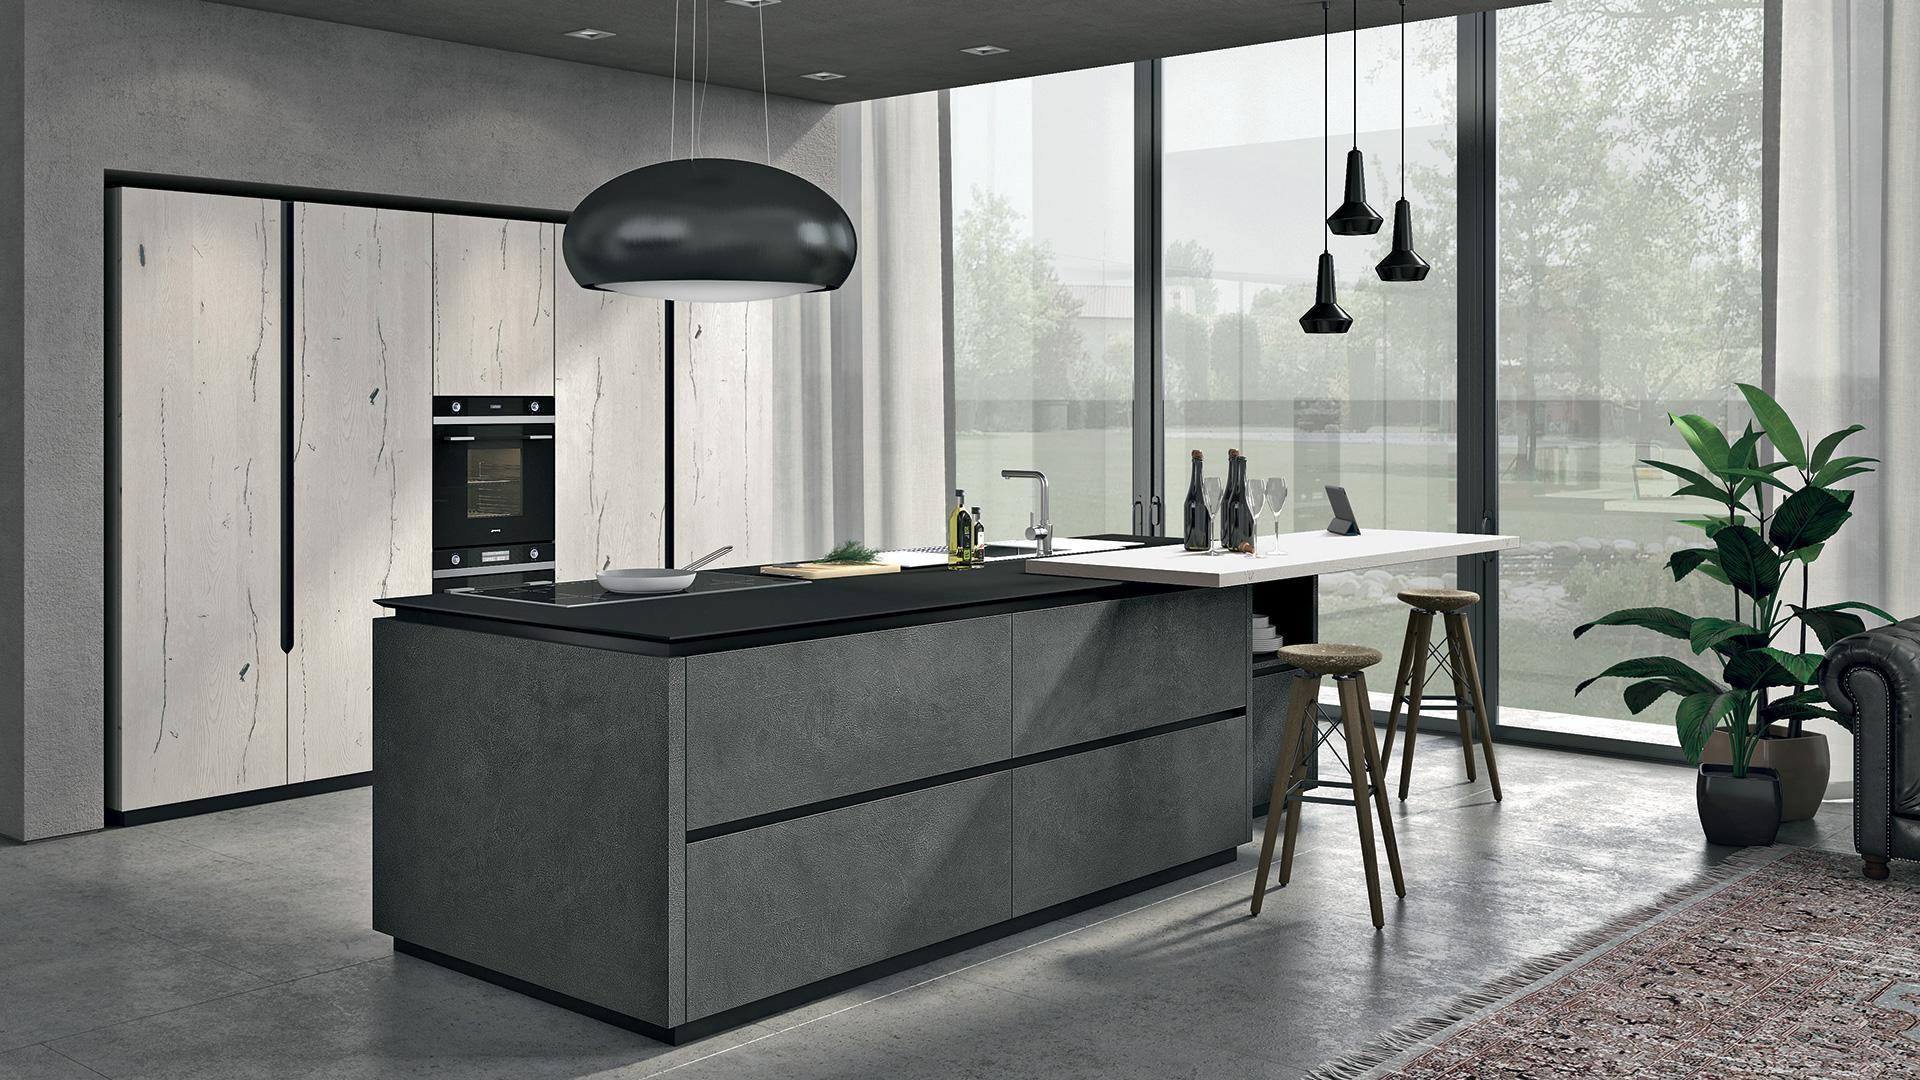 Cucine Moderne Lube - Modello Oltre Neck | Perego Arredamenti